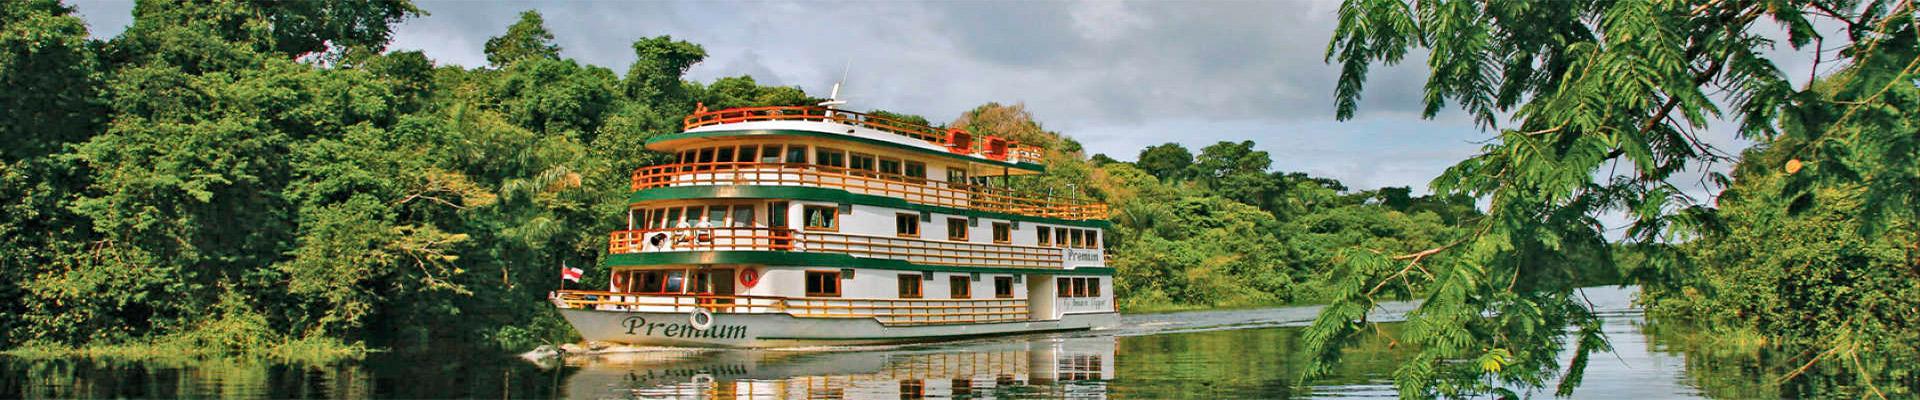 AMAZÔNIA – AMAZON CLIPPER – CRUZEIRO PELO RIO AMAZONAS – 5 DIAS